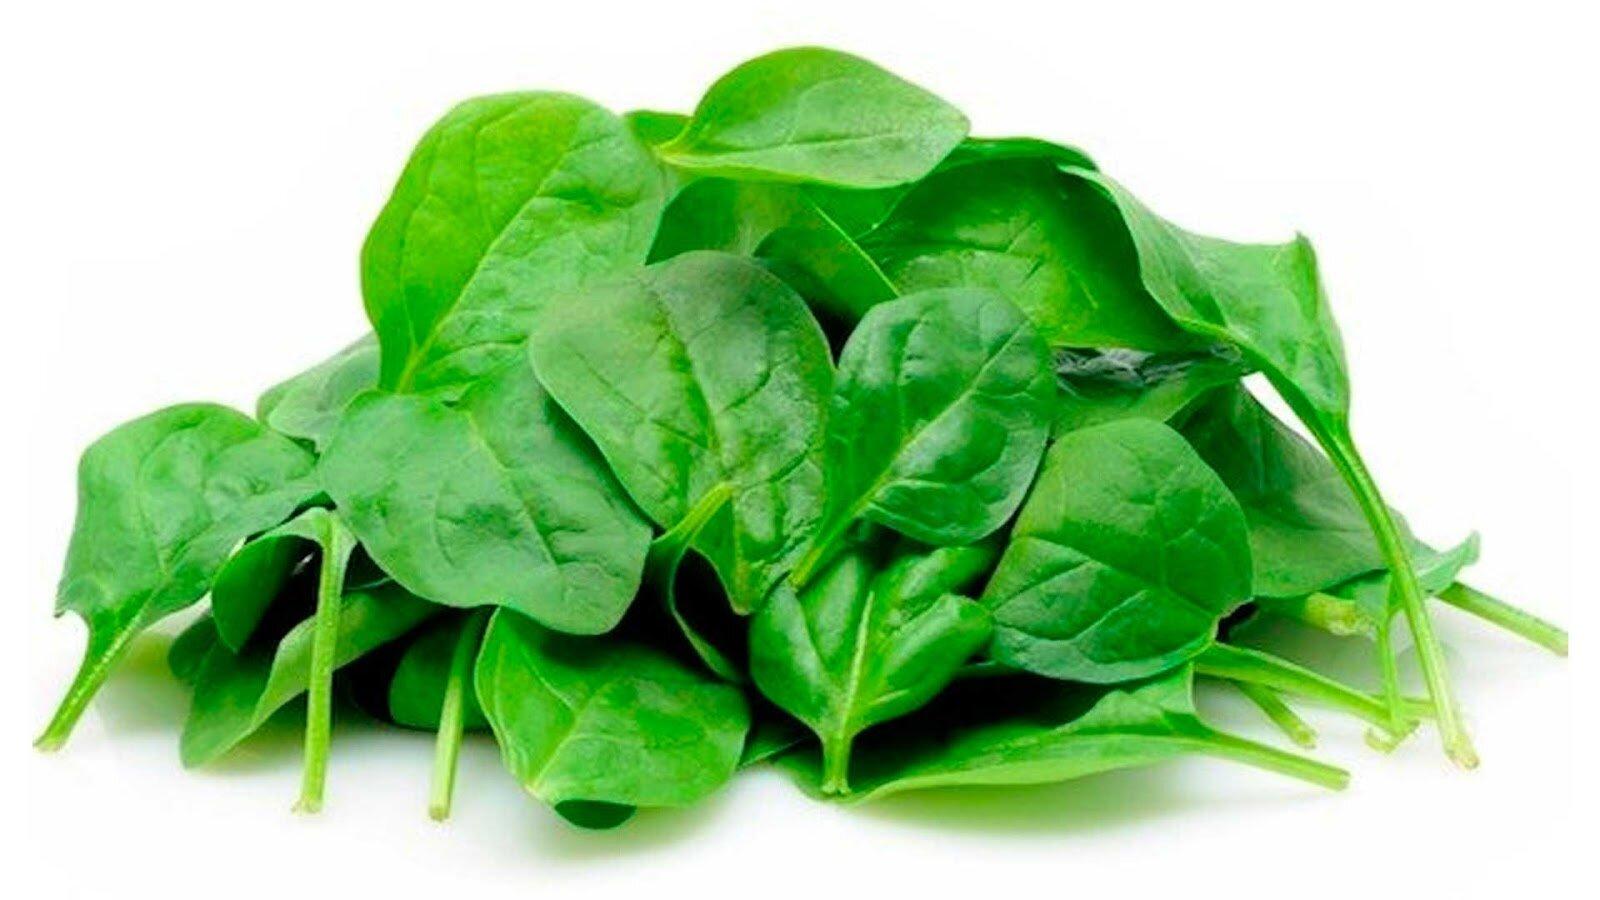 Rau mồng tơi chứa nhiều vitamin cho cơ thể mẹ bầu hồi phục nhanh